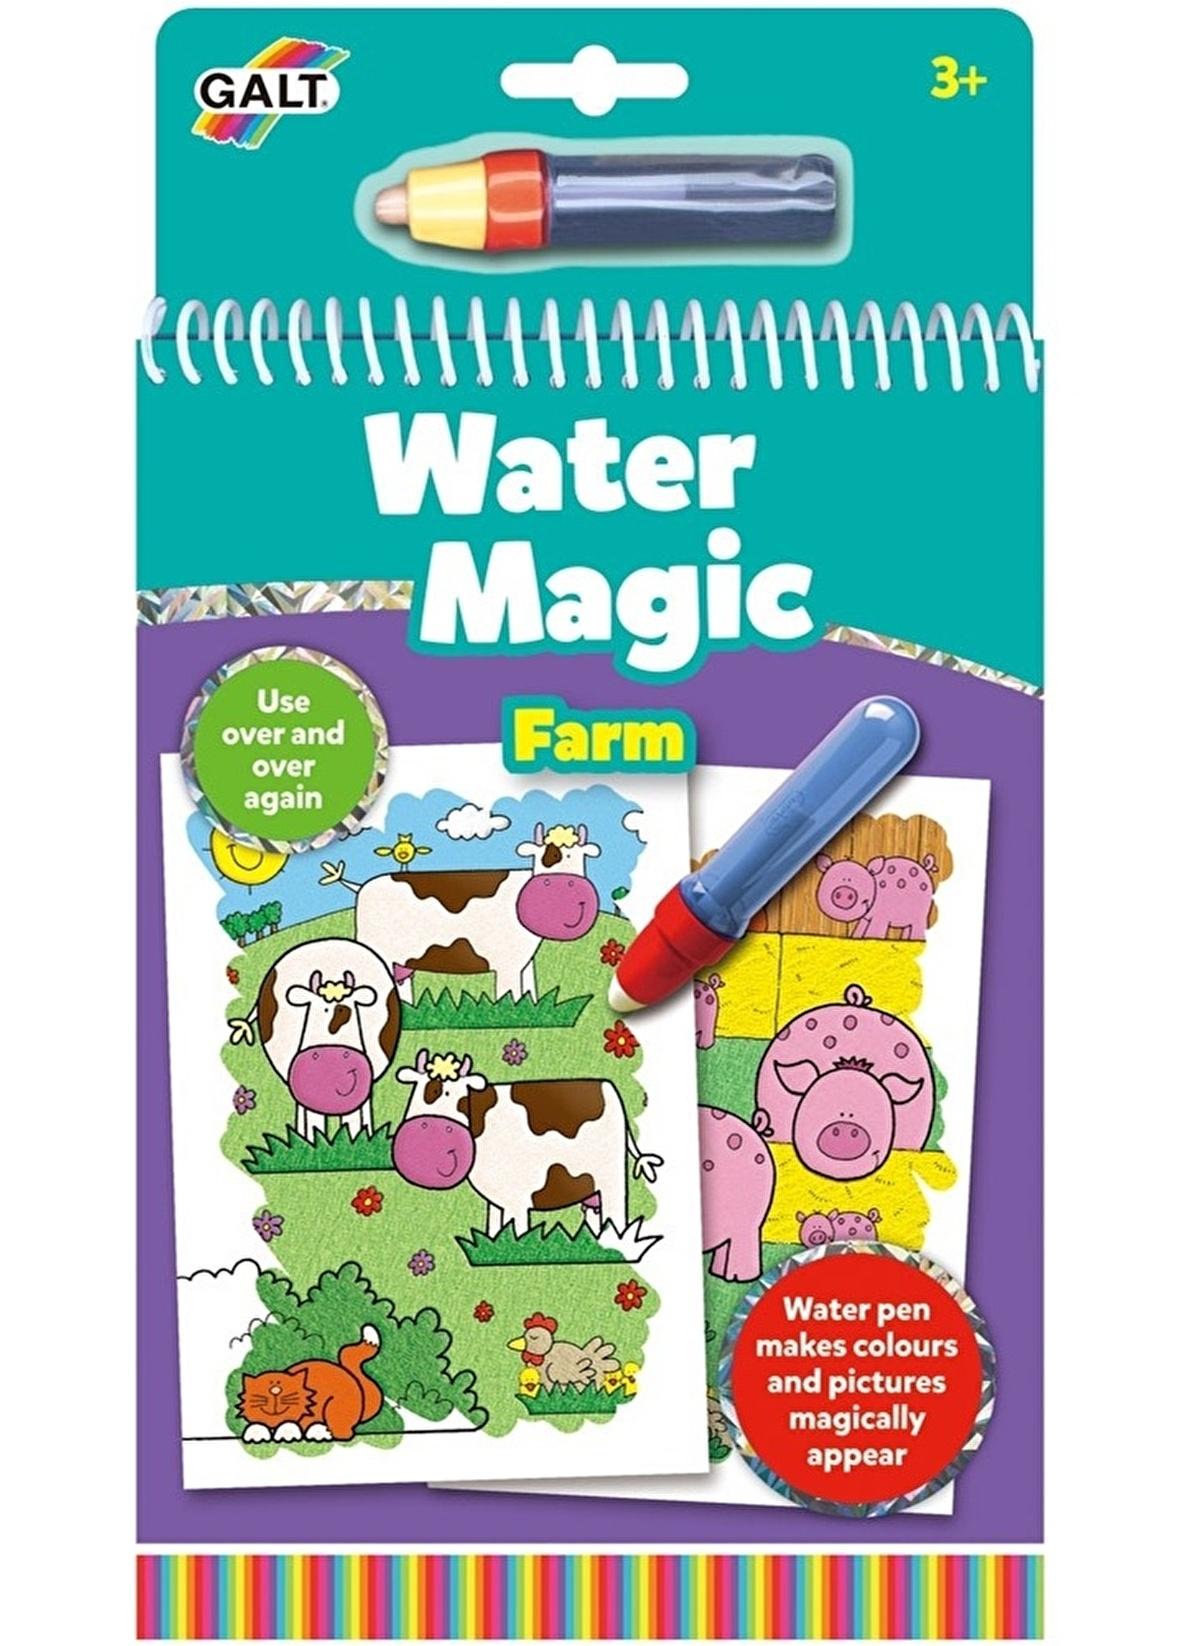 Galt Unisex Cocuk Galt Water Magic Sihirli Boyama Kitabi Ciftlik